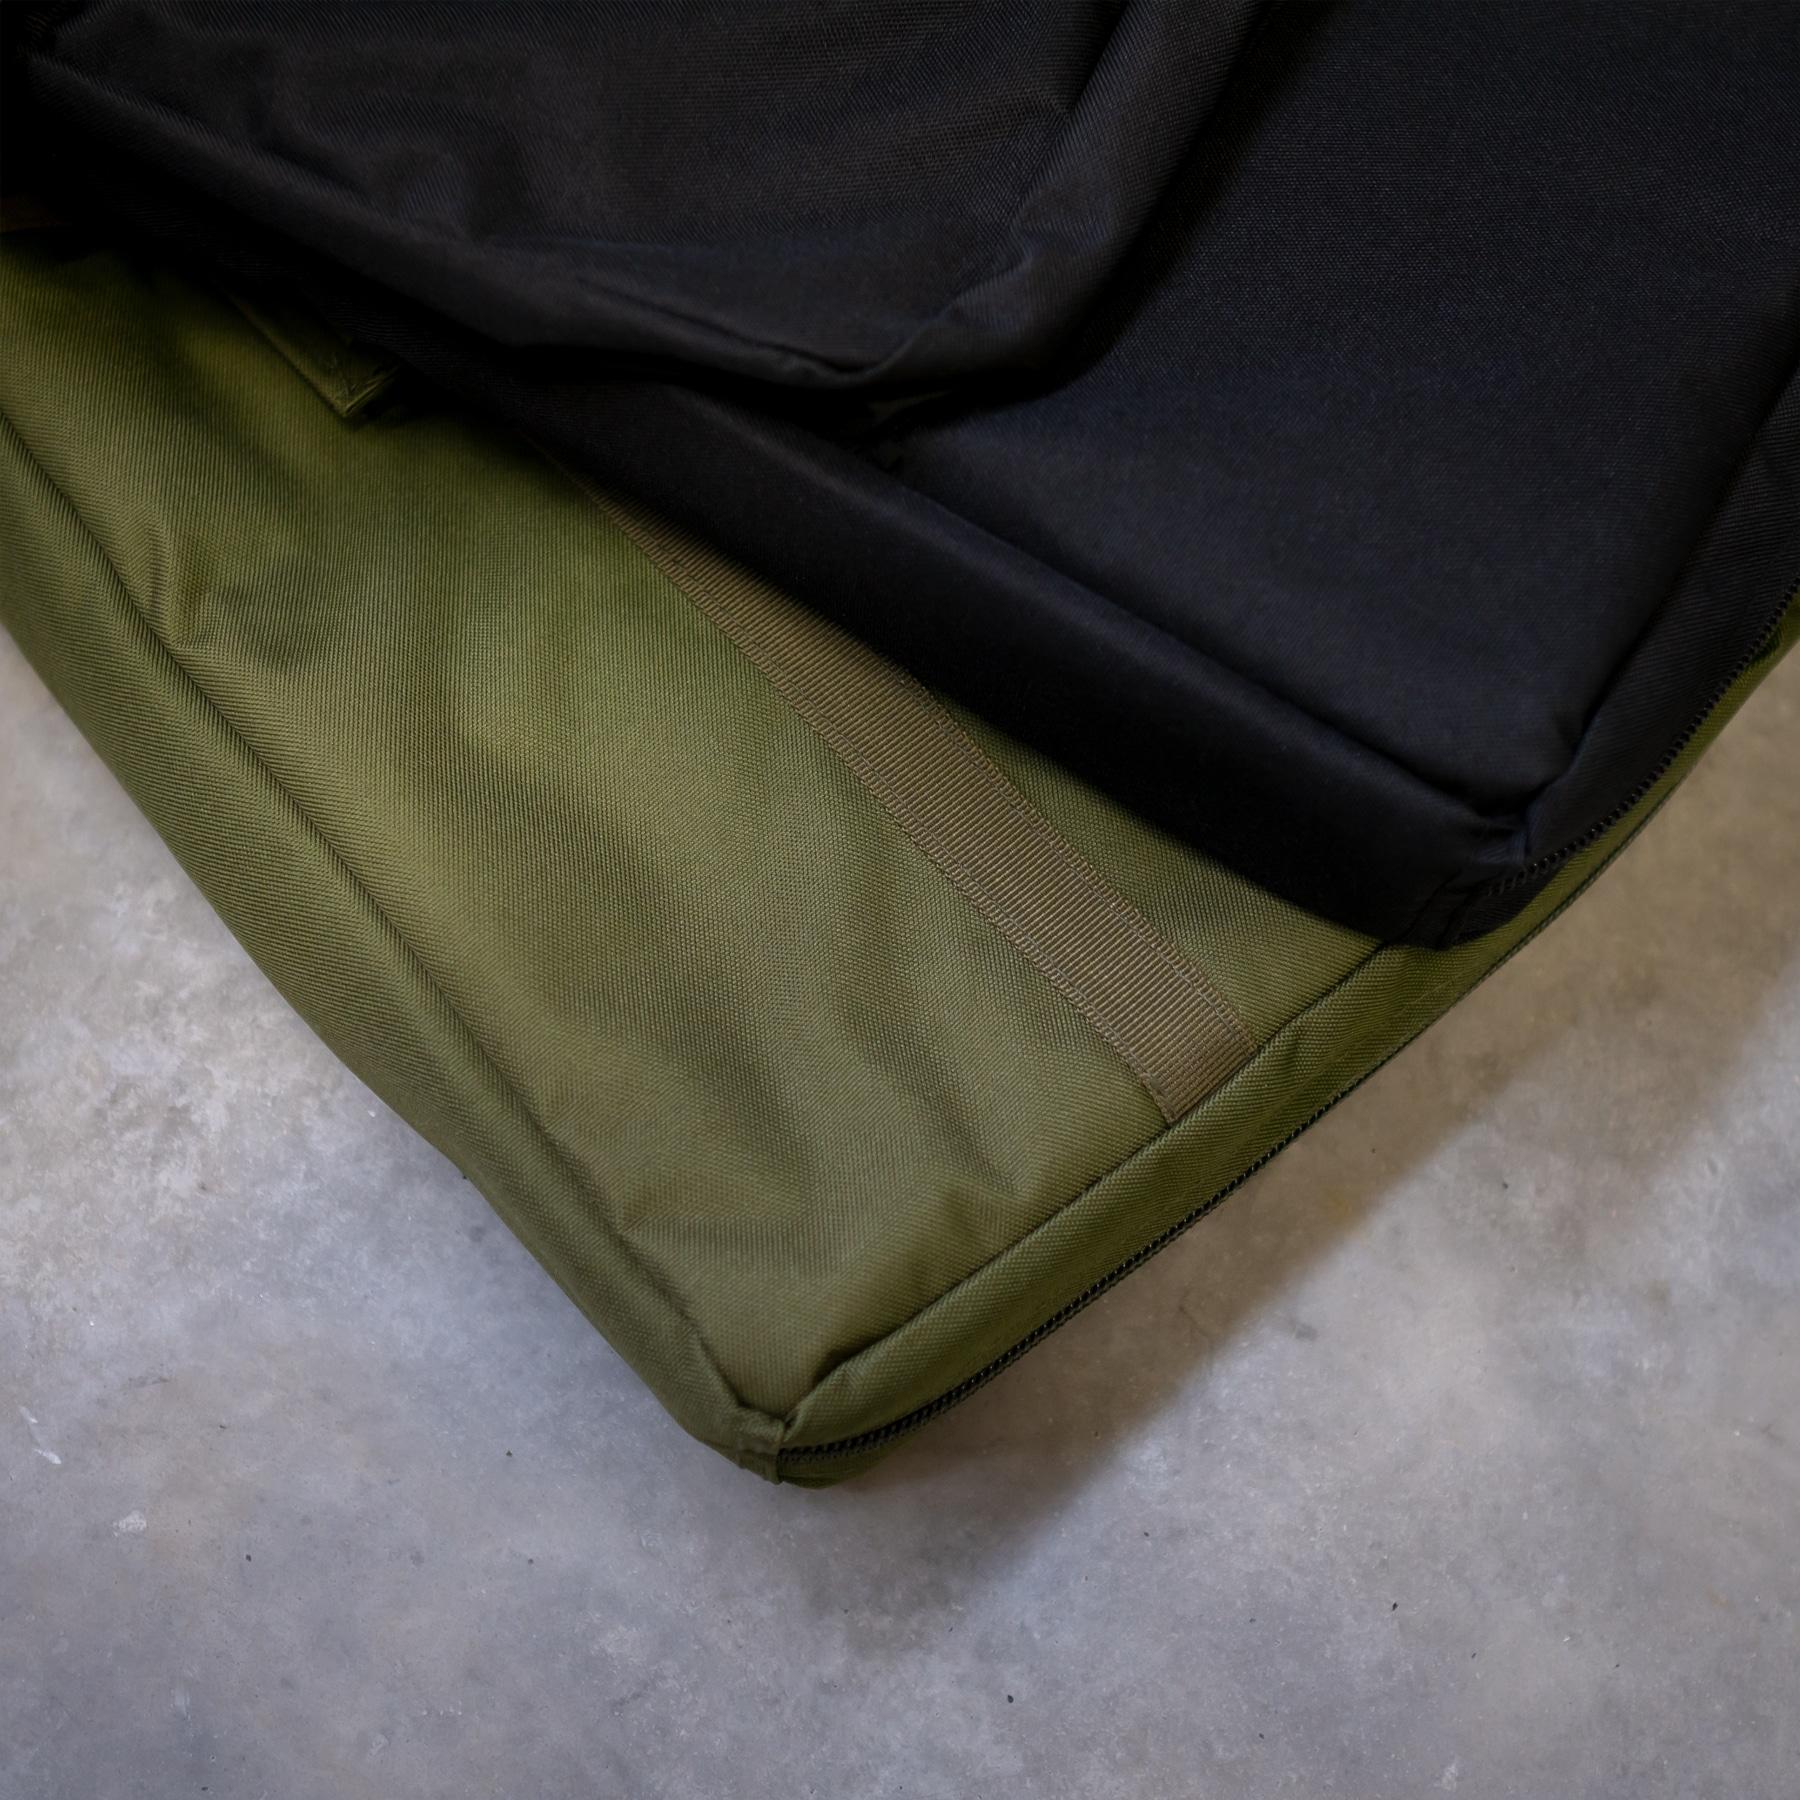 Gewehr-Tasche-fuer-Airsoft-schwarz-oder-oliv-Shop